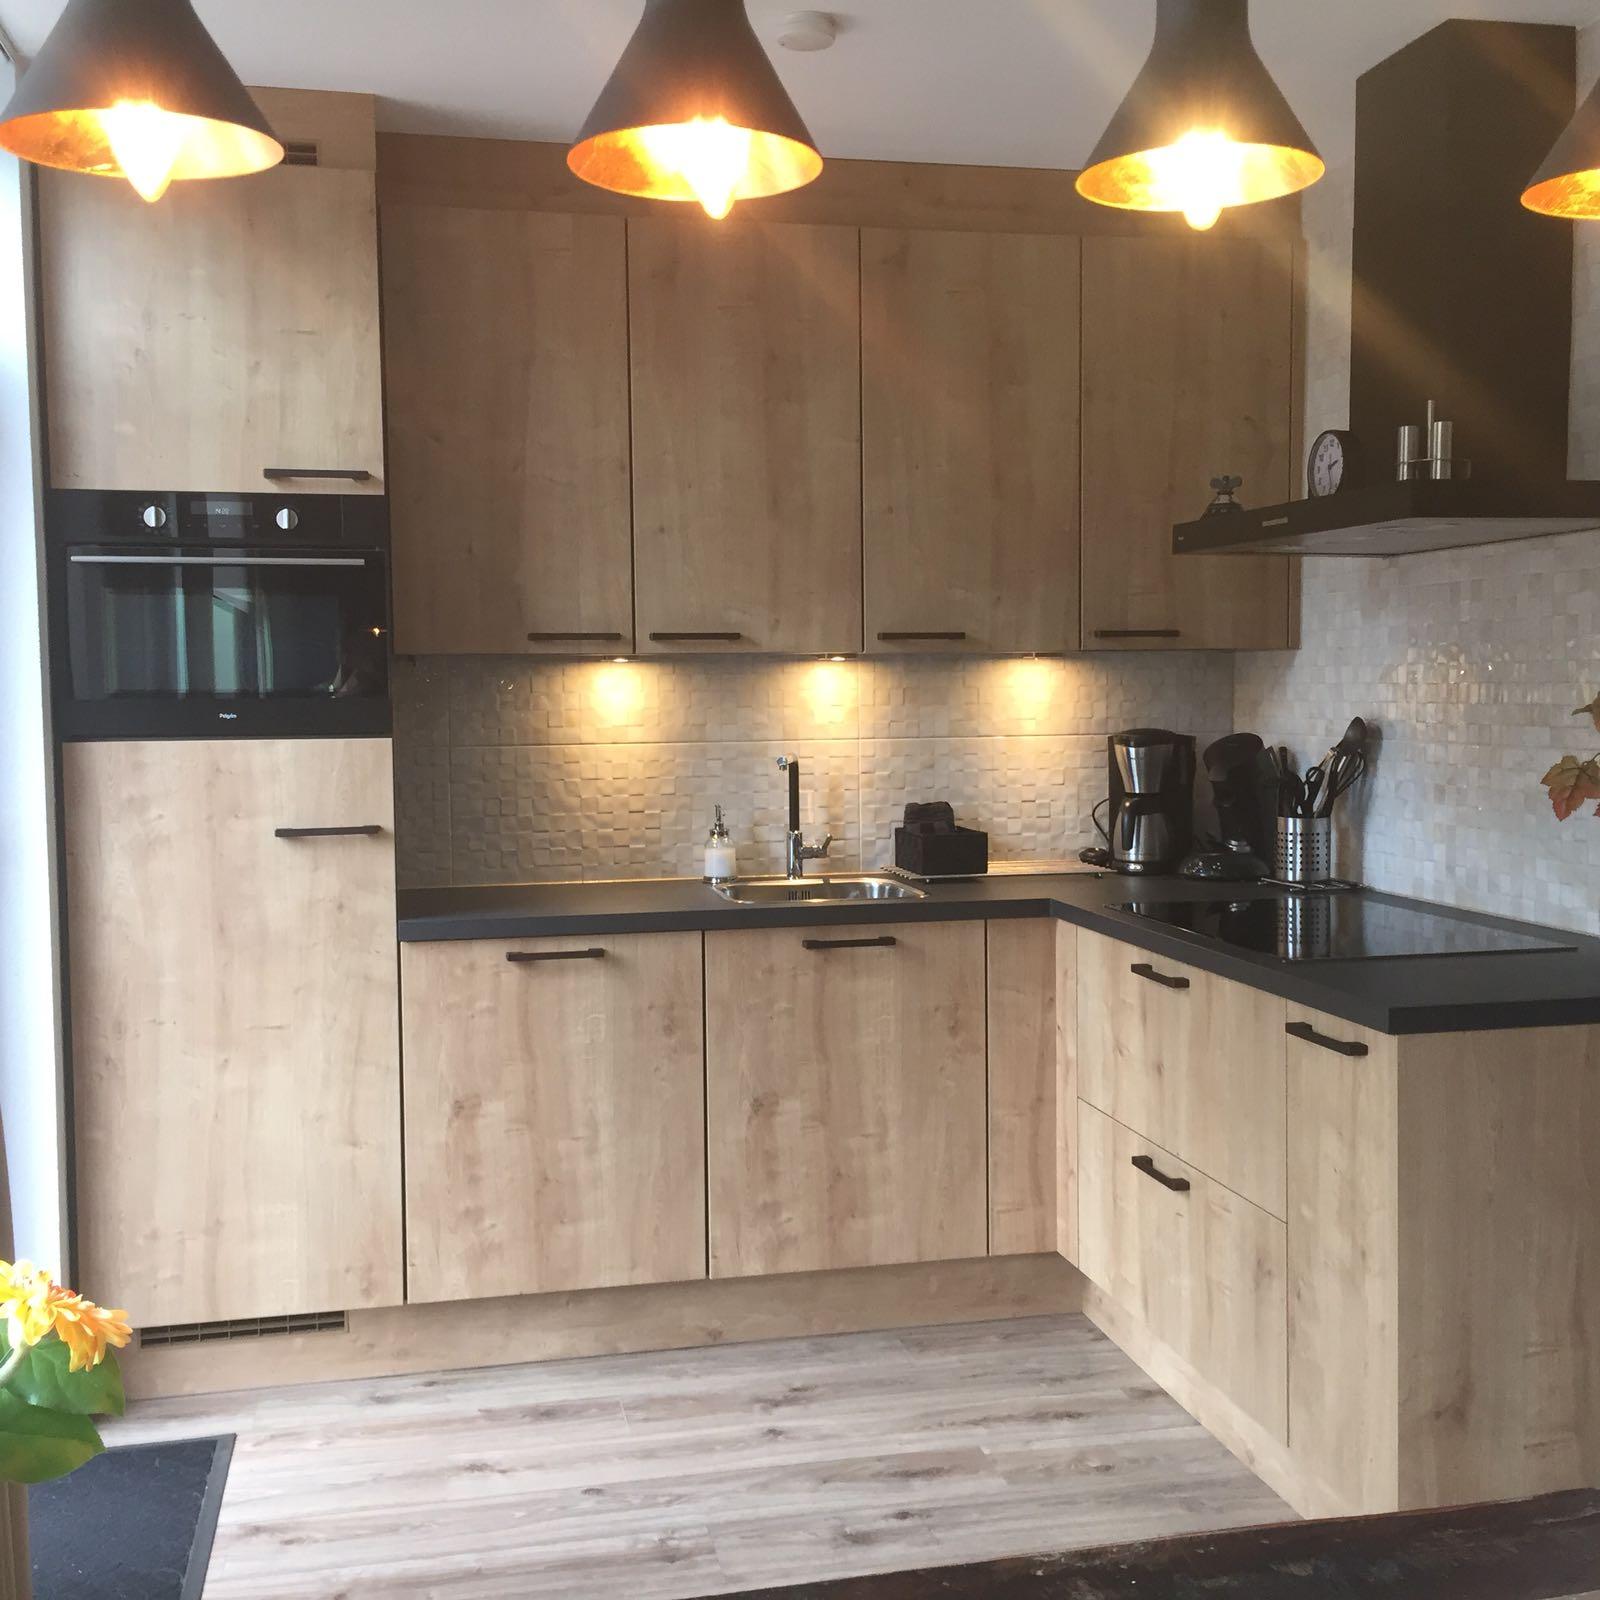 Een houtfronten keukenpaneel gecombineerd met een zwart werkblad in een L-vormige keuken. Keuken gekocht in Sittard bij Keukenmatch